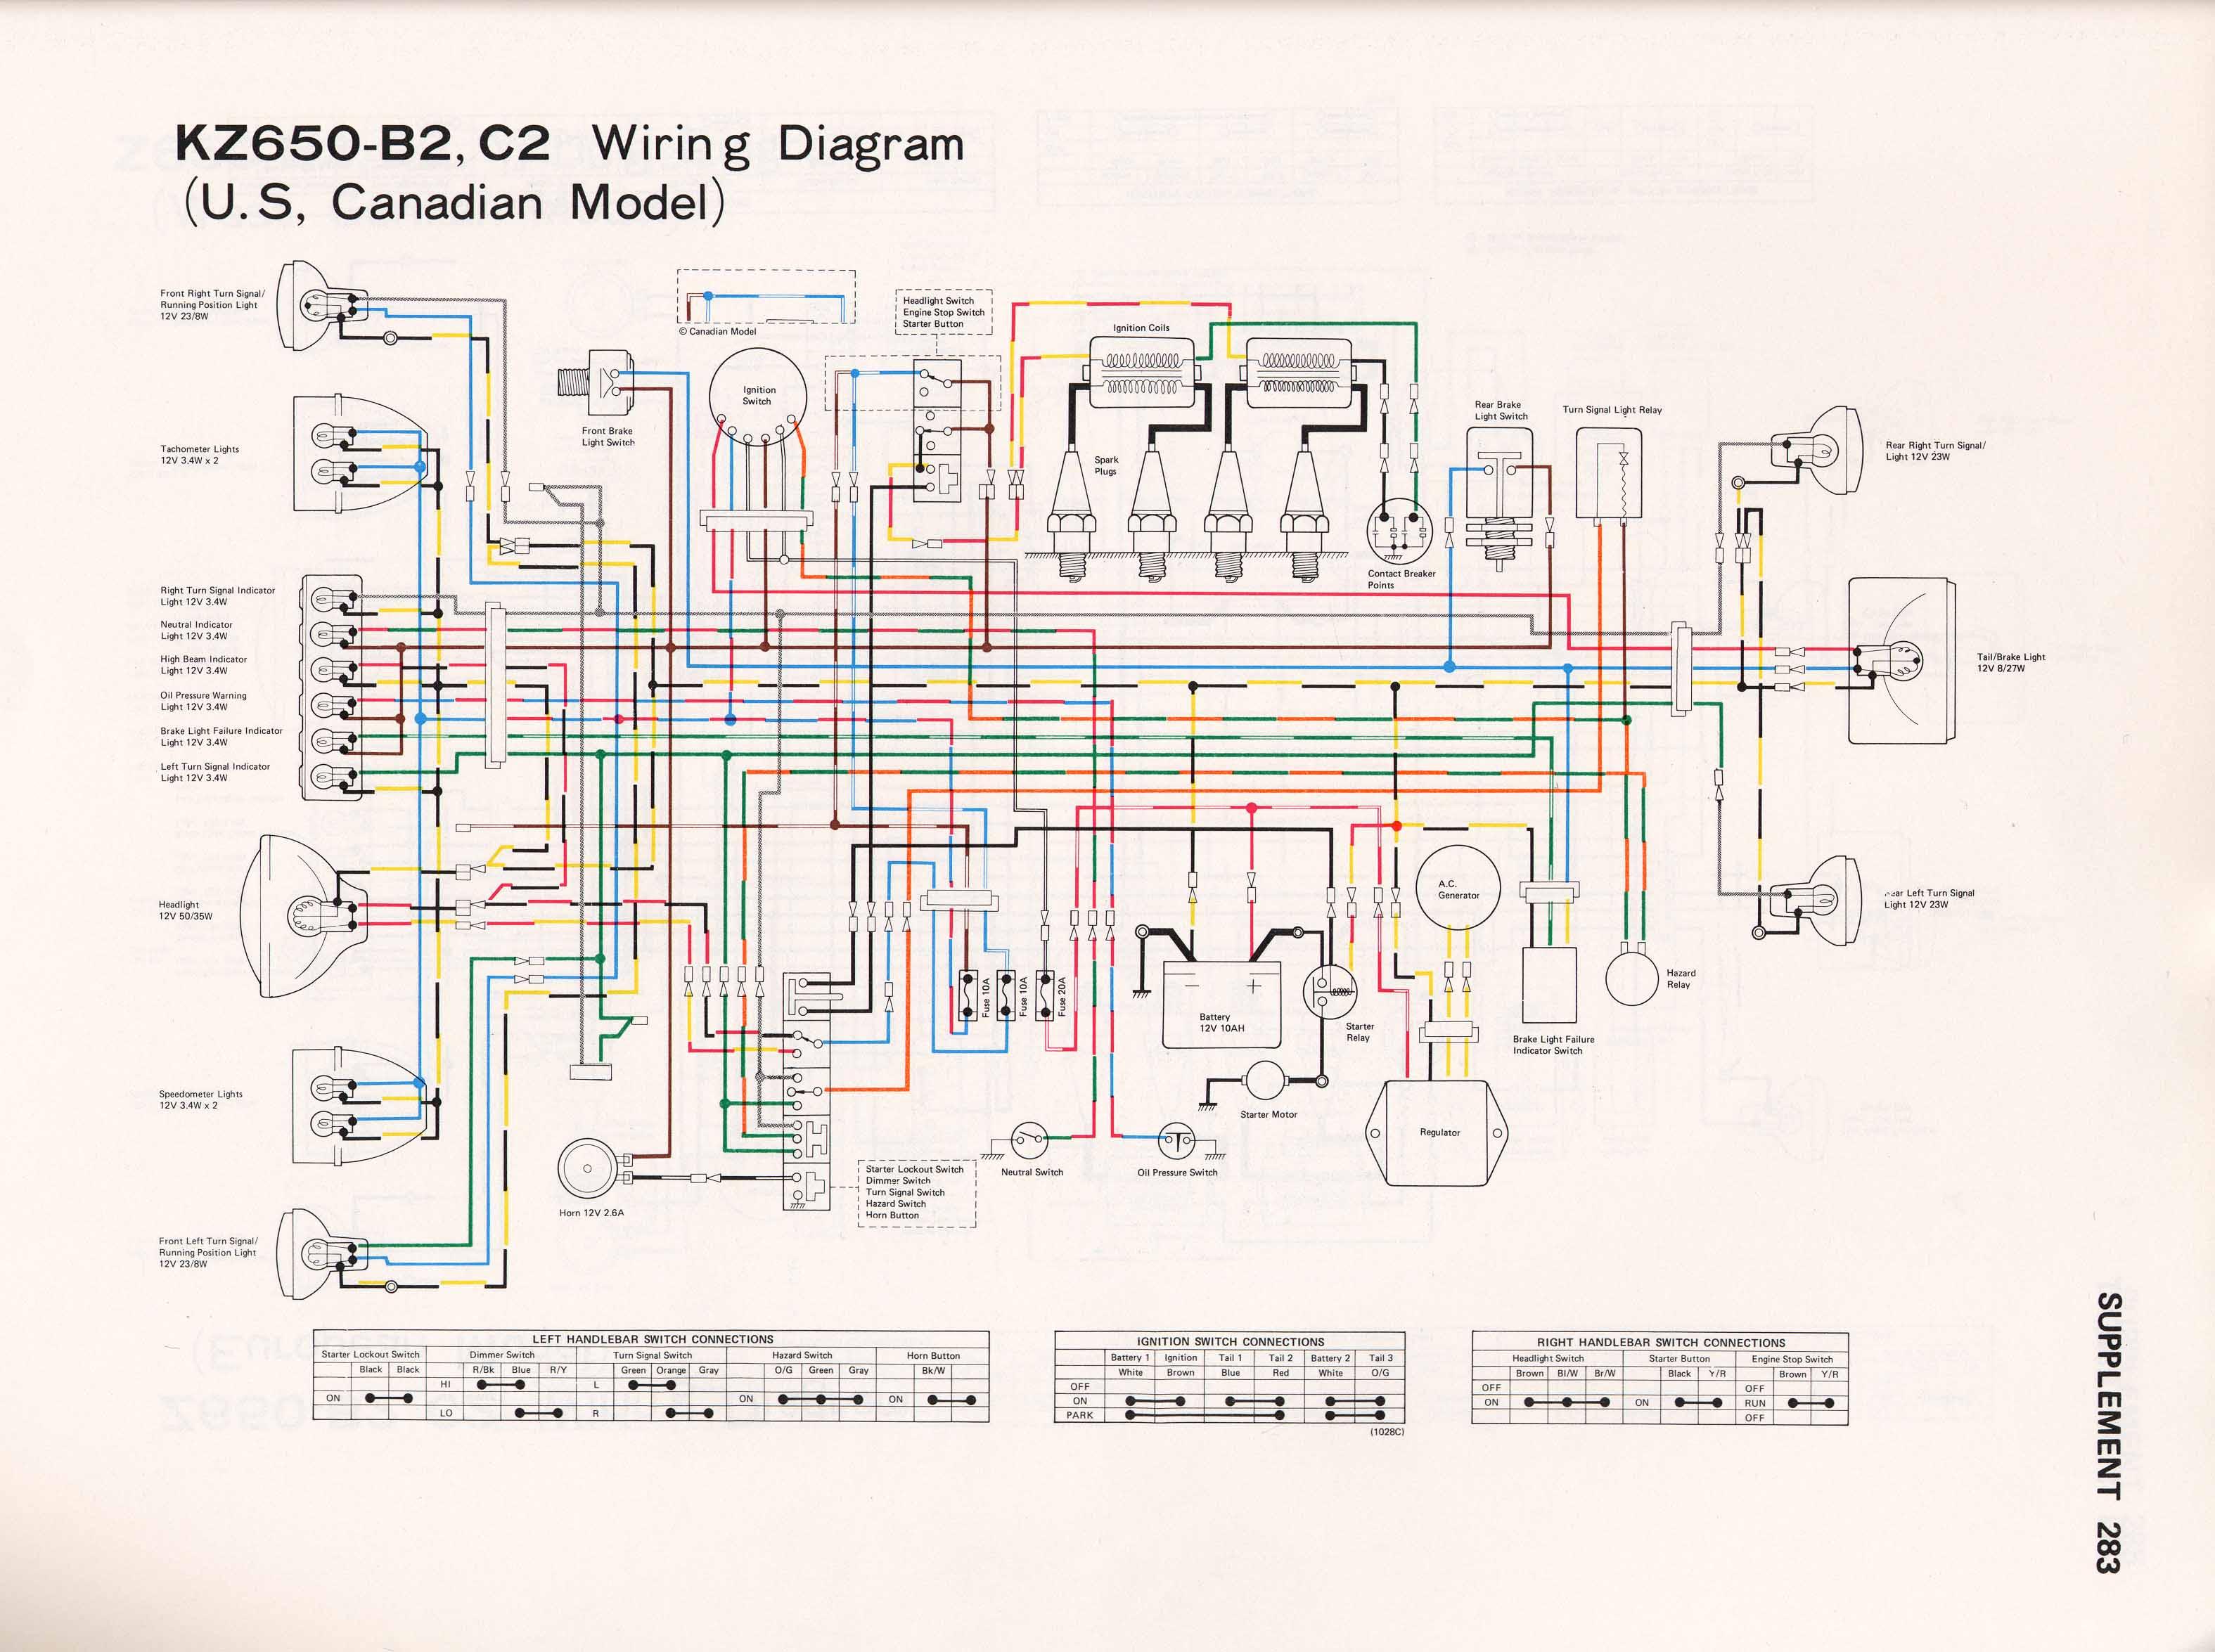 kz750 h1 wiring diagram image 3